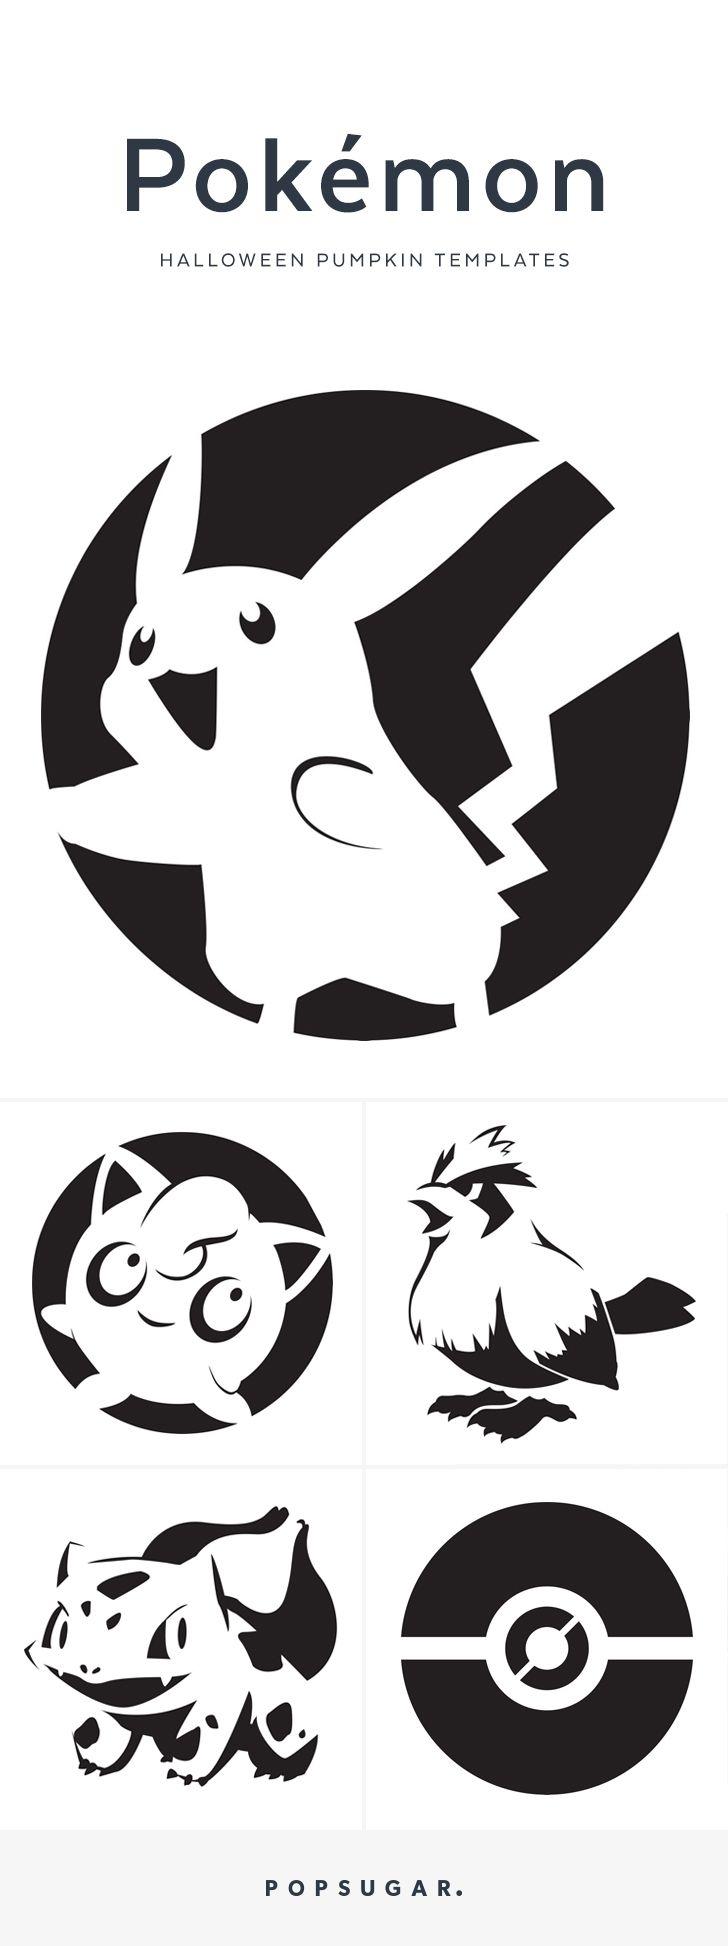 25 Best Ideas About Pokemon Pumpkin Stencils On Pinterest Auto Wiring Diagram